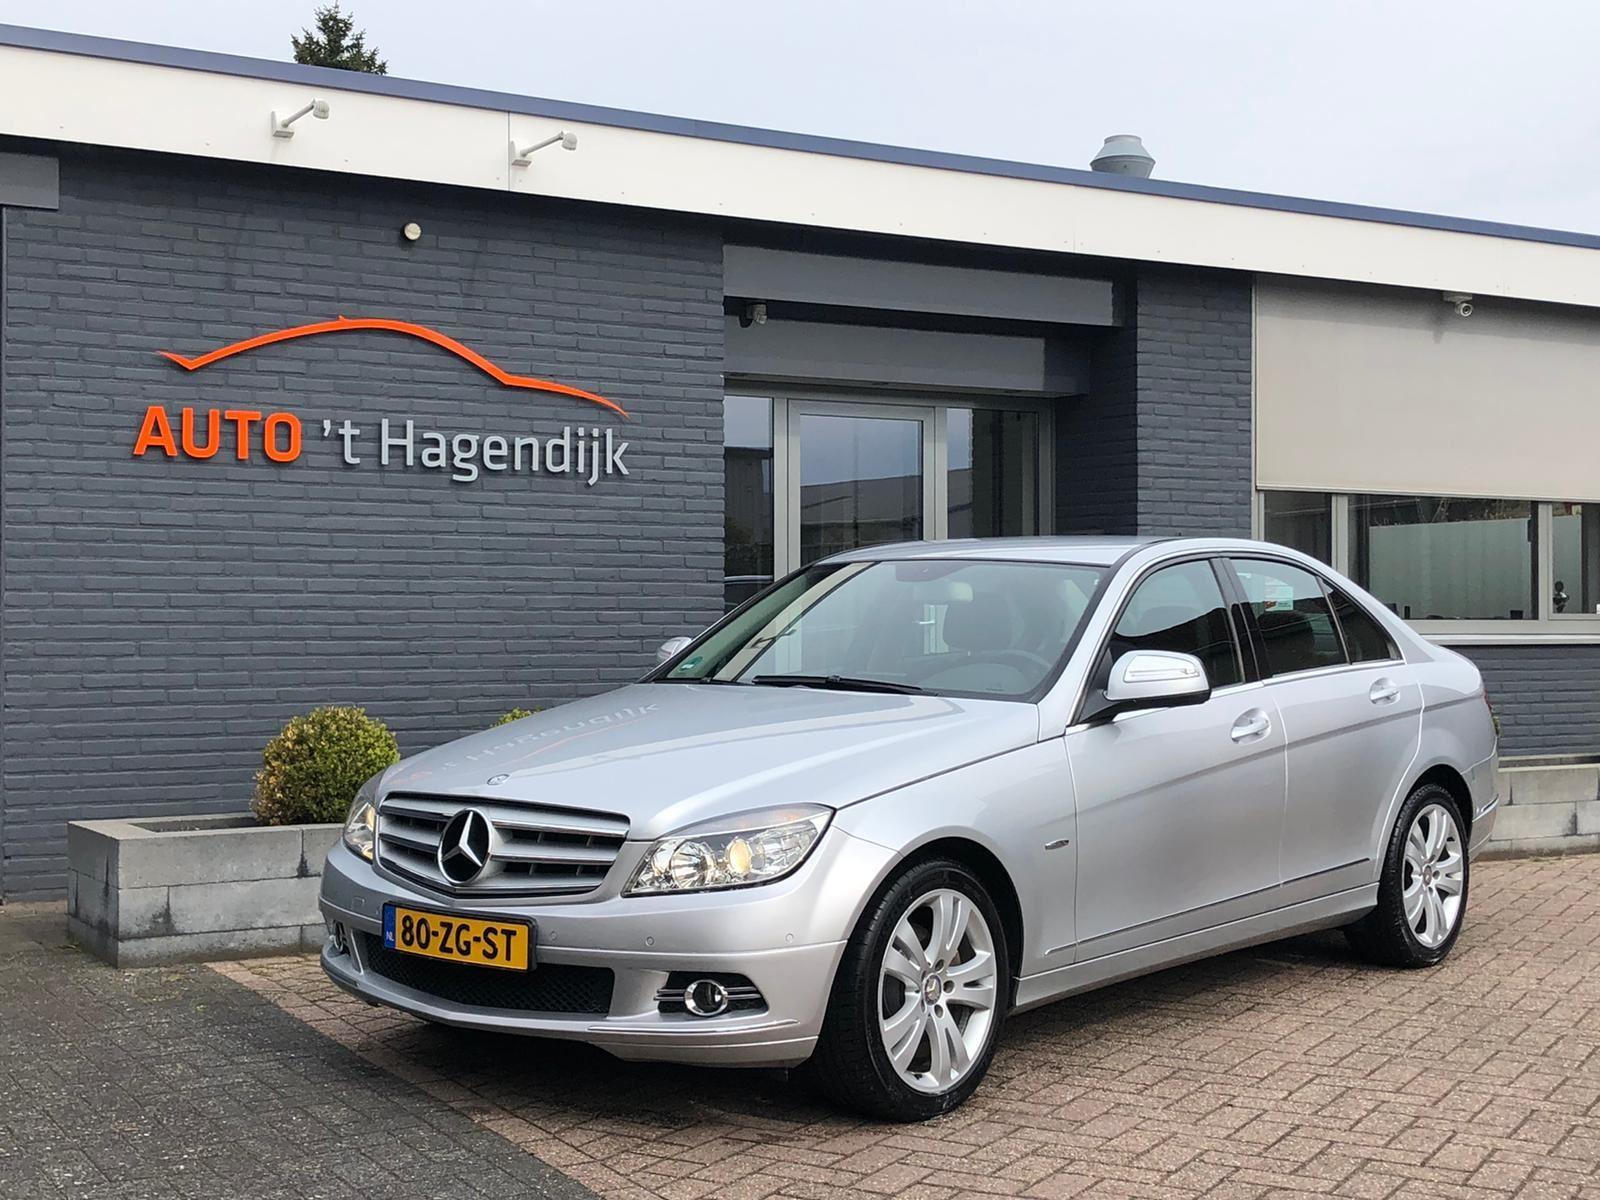 Mercedes-Benz C-klasse occasion - Auto 't Hagendijk